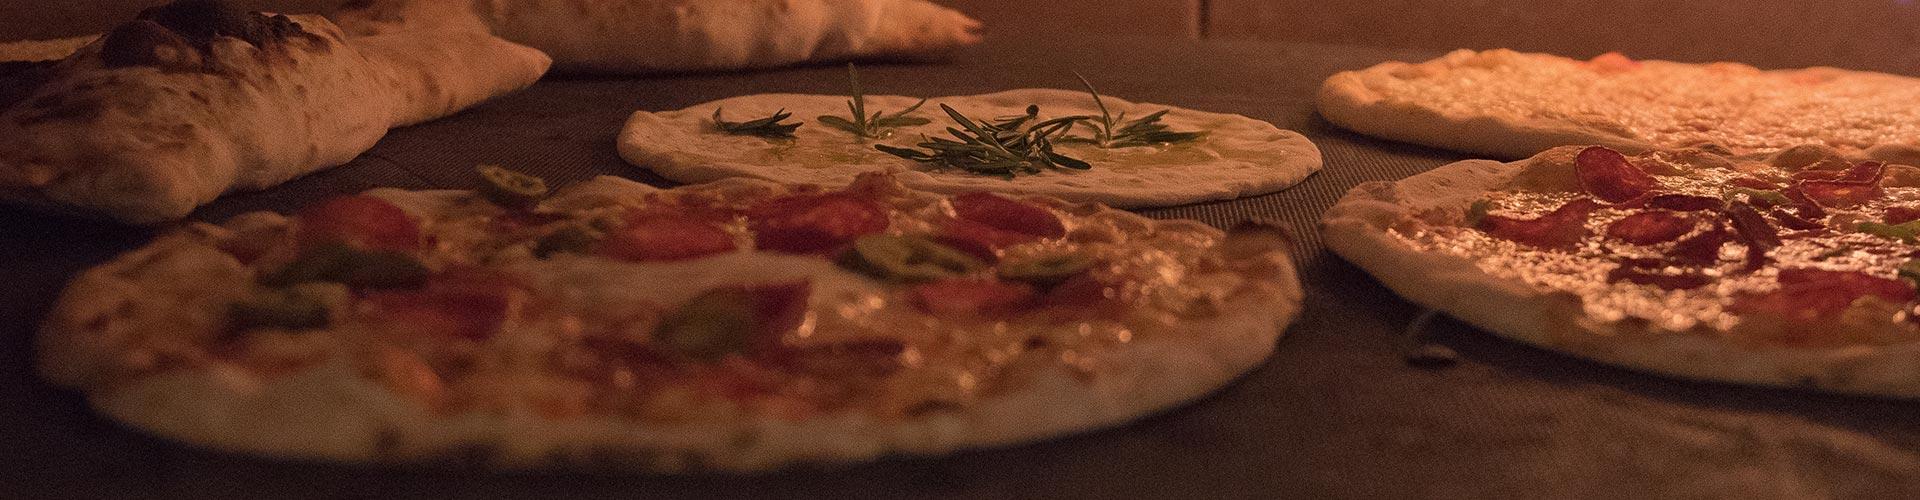 Italian Restaurant in Broadway Market, Hackney - Bella Vita